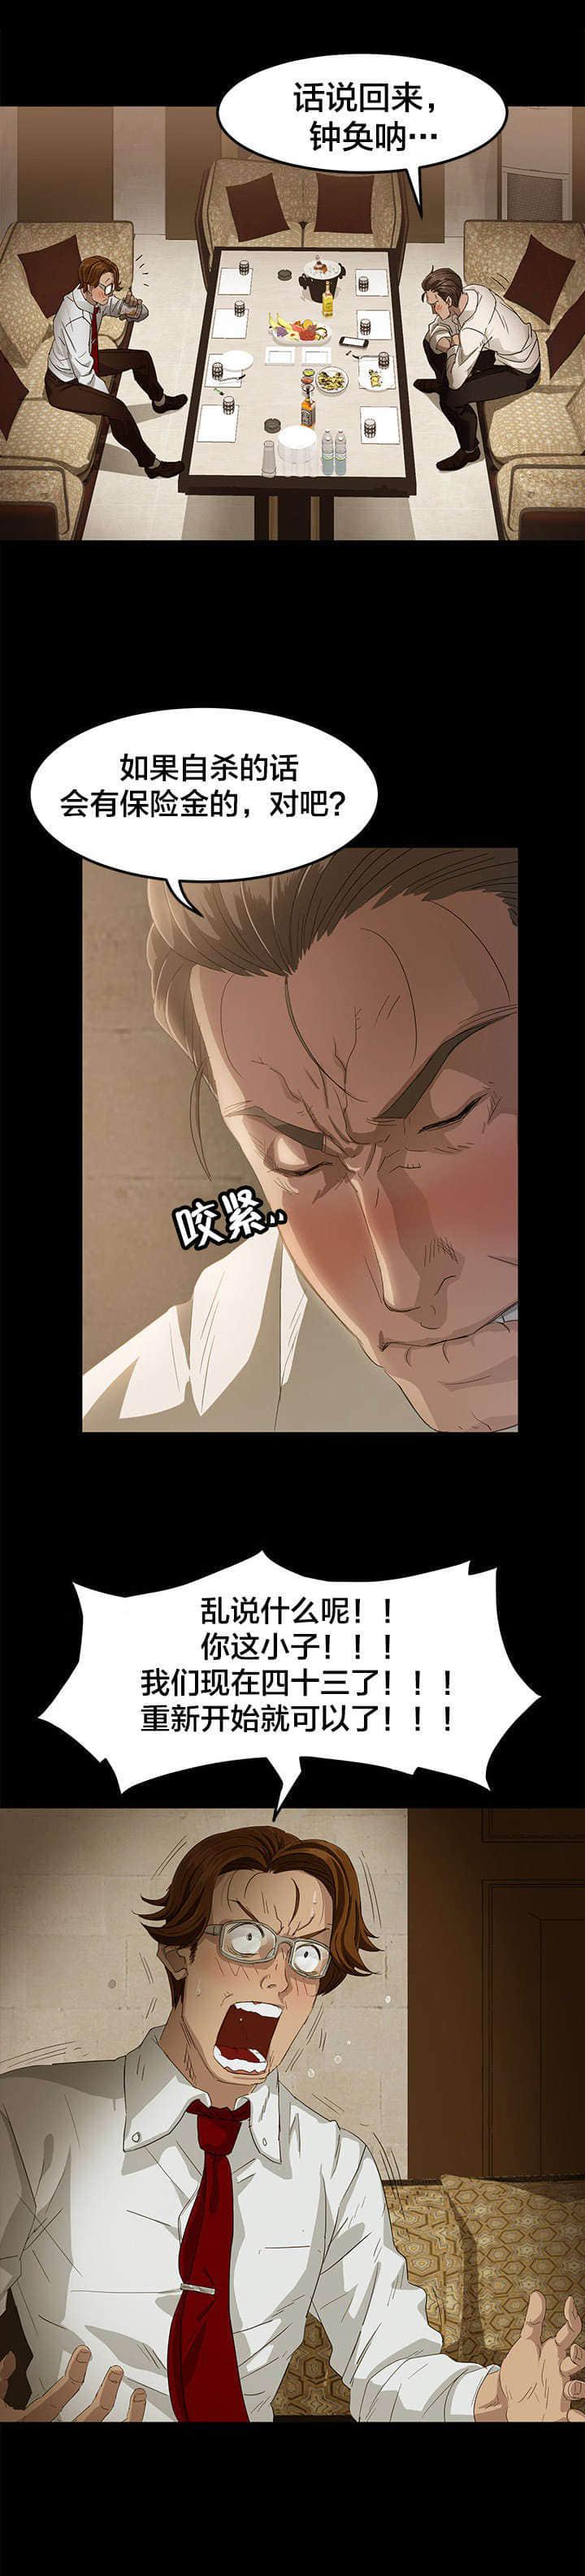 虫师漫画银古的结局